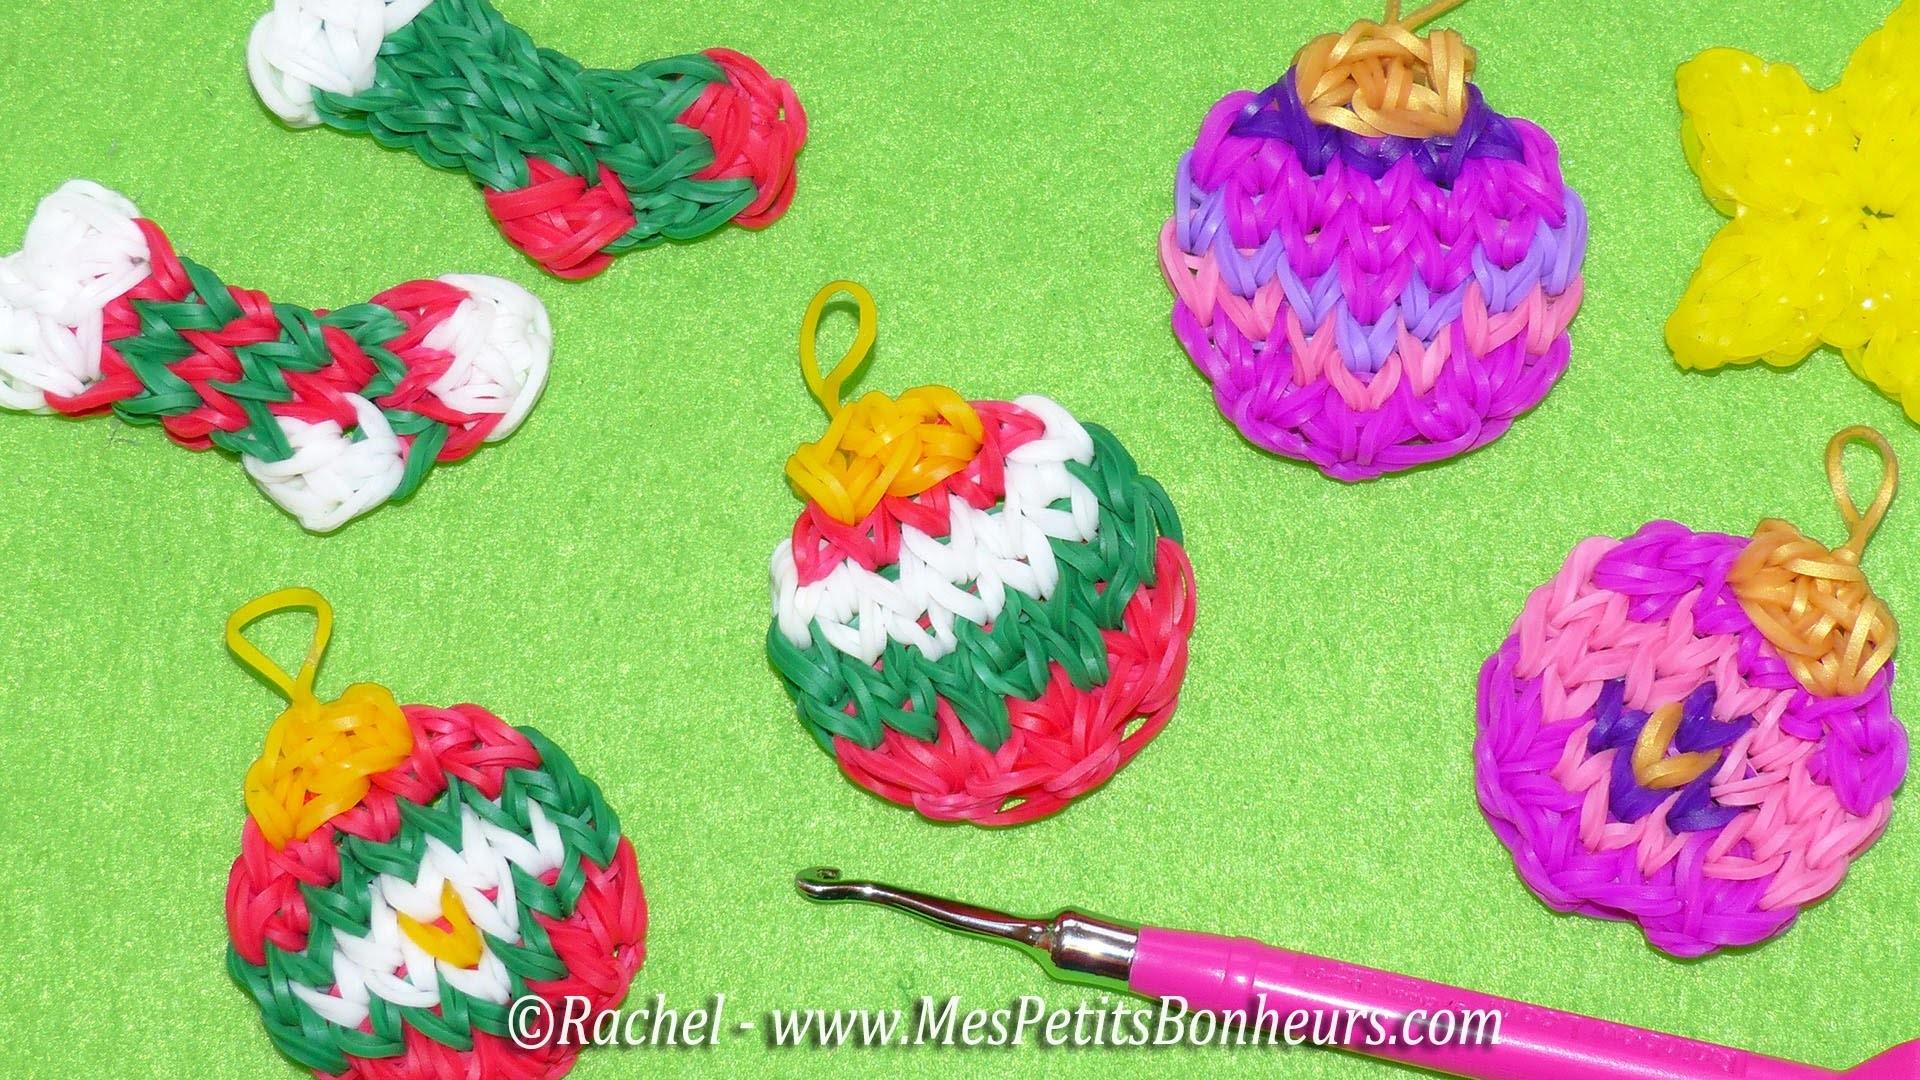 Boules de Noël Rainbow Loom - Tuto en élastiques pour déco de sapin